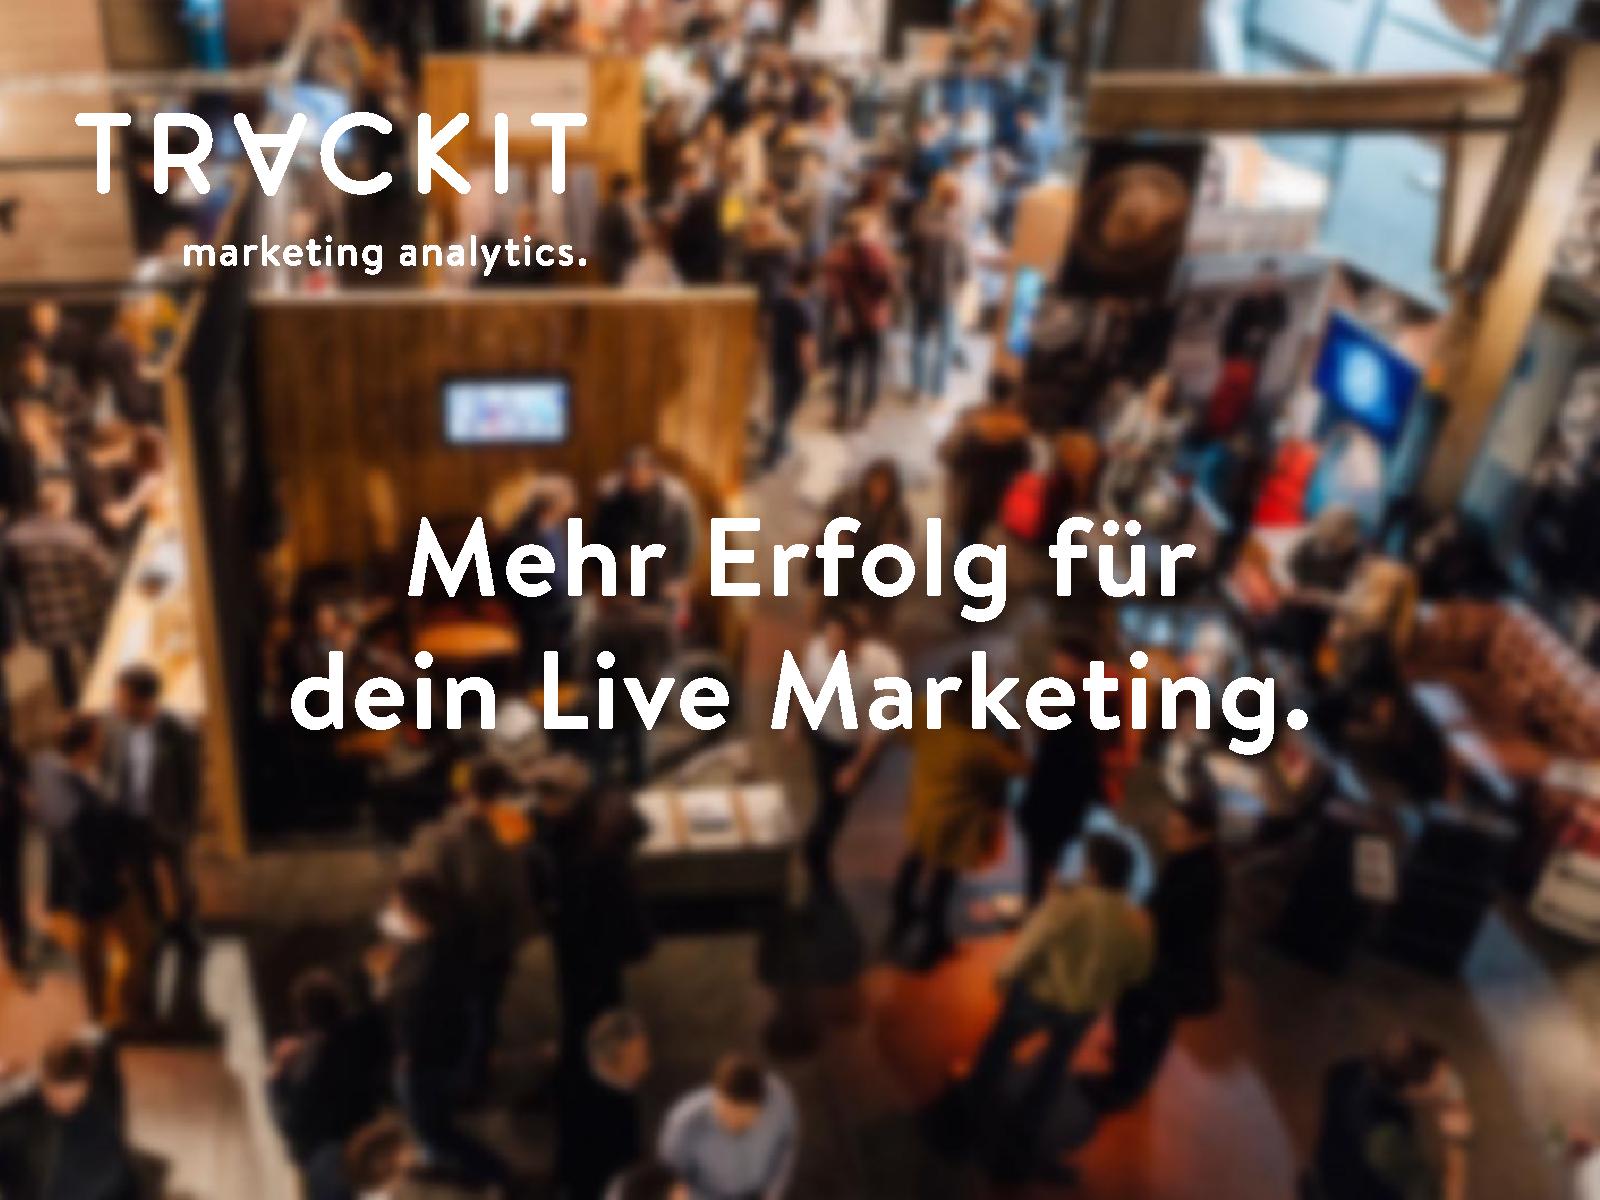 TRACKIT Header - Mehr Erfolg für dein Live Marketing